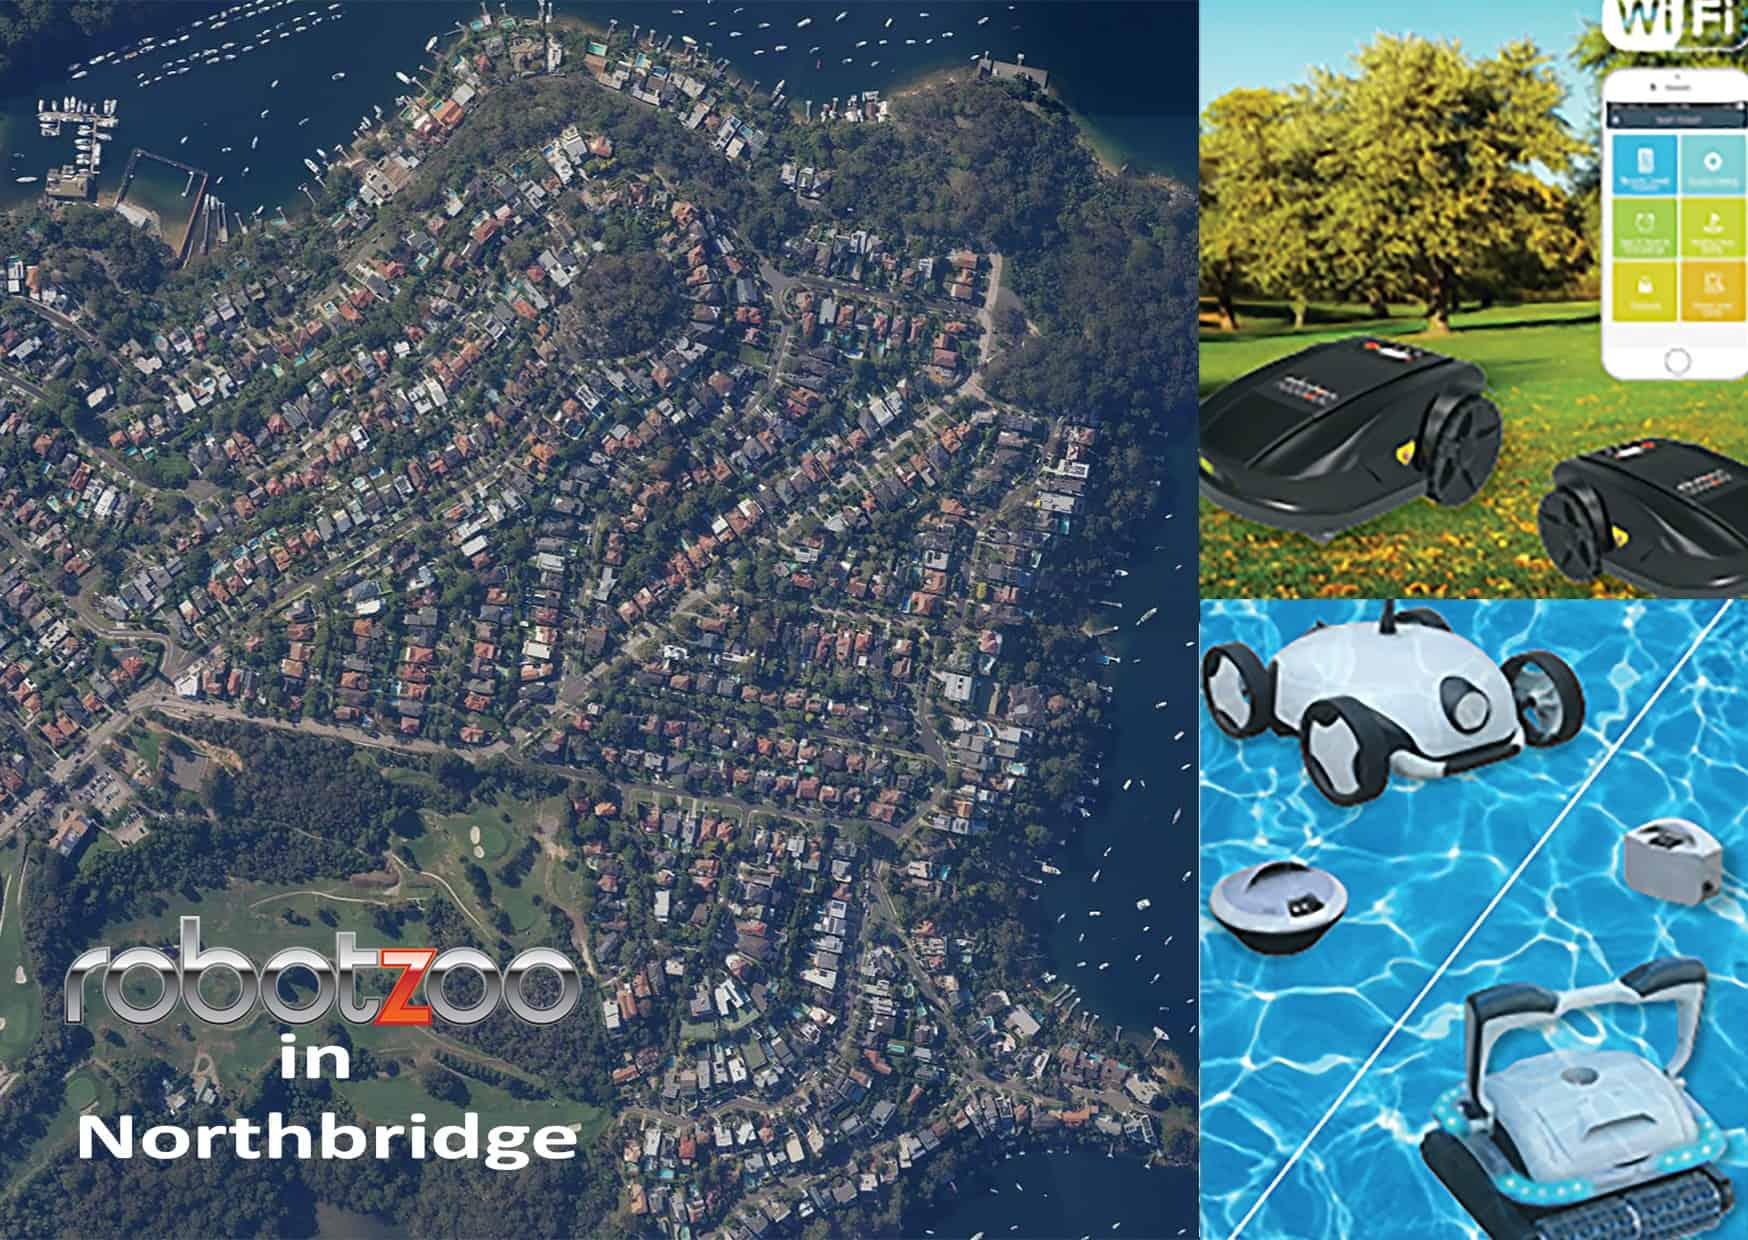 RobotZoo In Northbridge